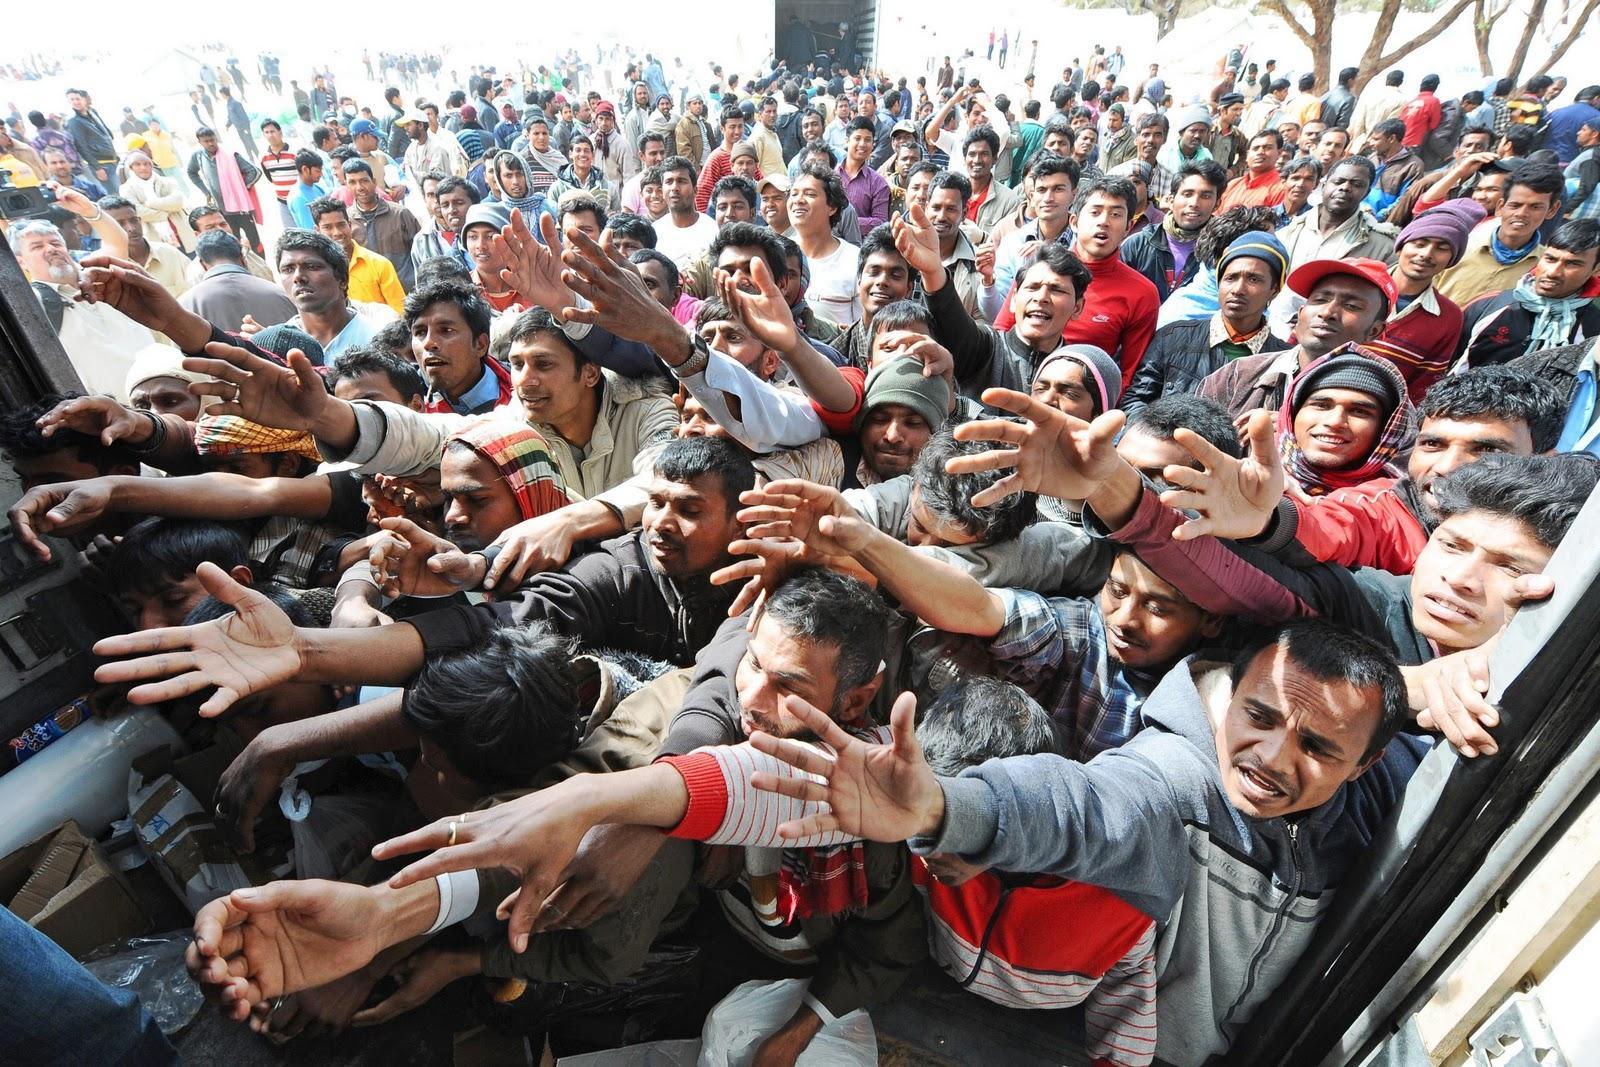 Immigranti e papa Francesco, nessun buonismo o accoglienza selvaggia.